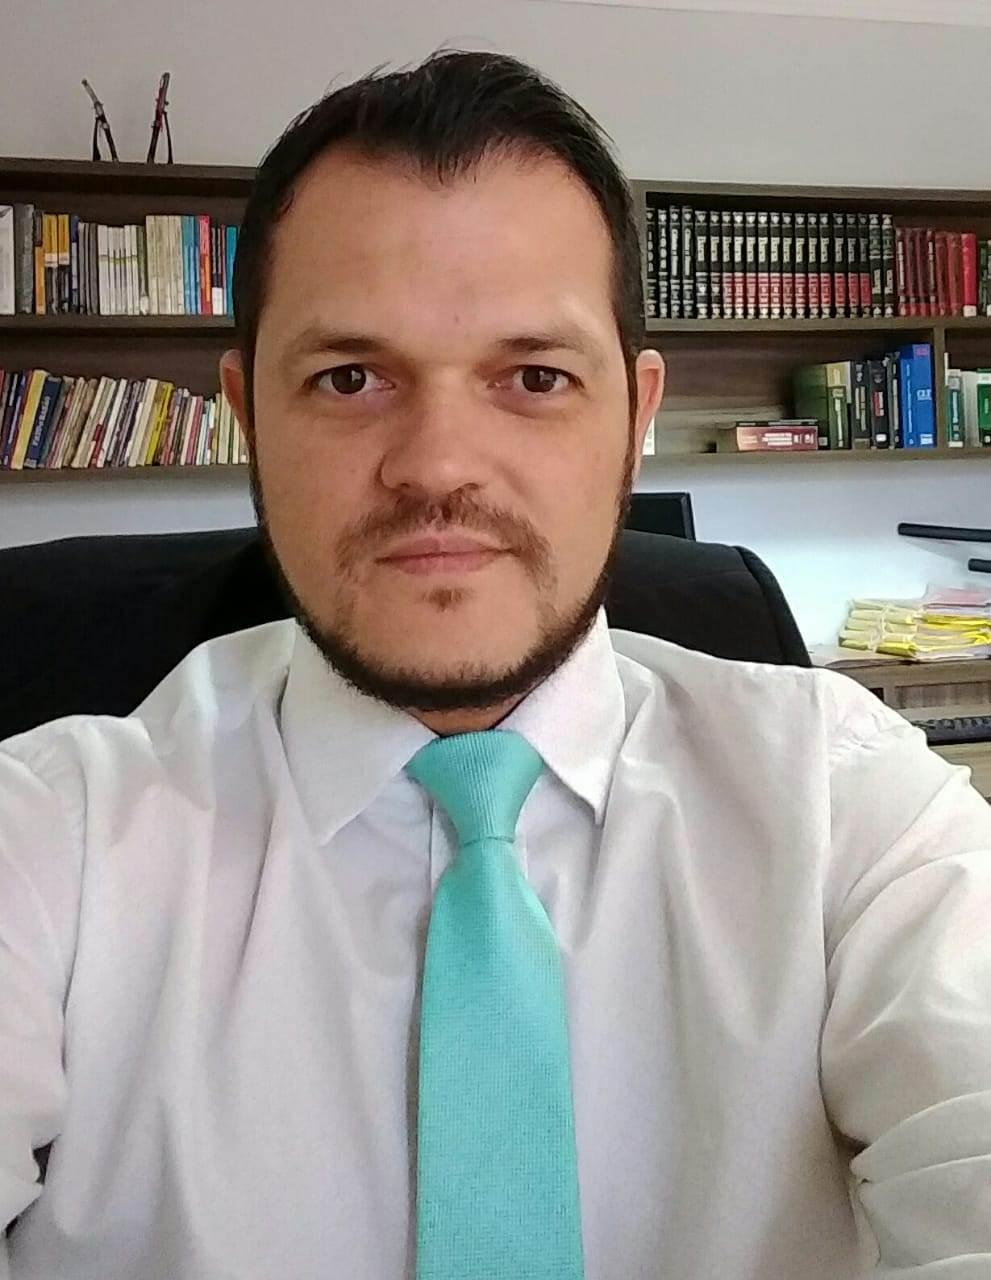 Advogado Alexandre Max comenta provável progressão de pena do condenado | Foto: Reprodução